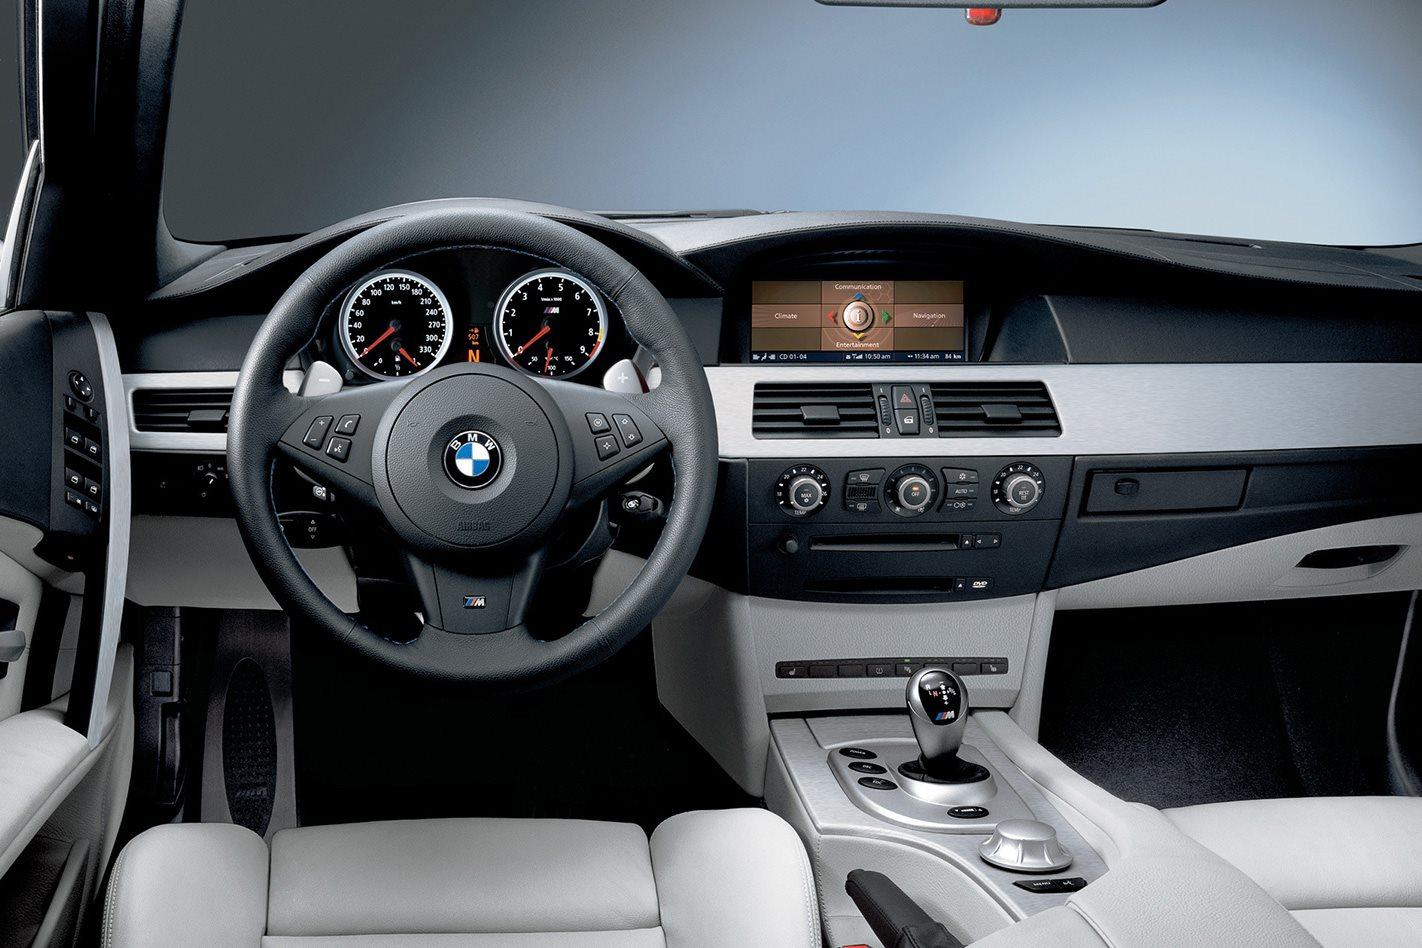 2005 E60 BMW M5 Interior